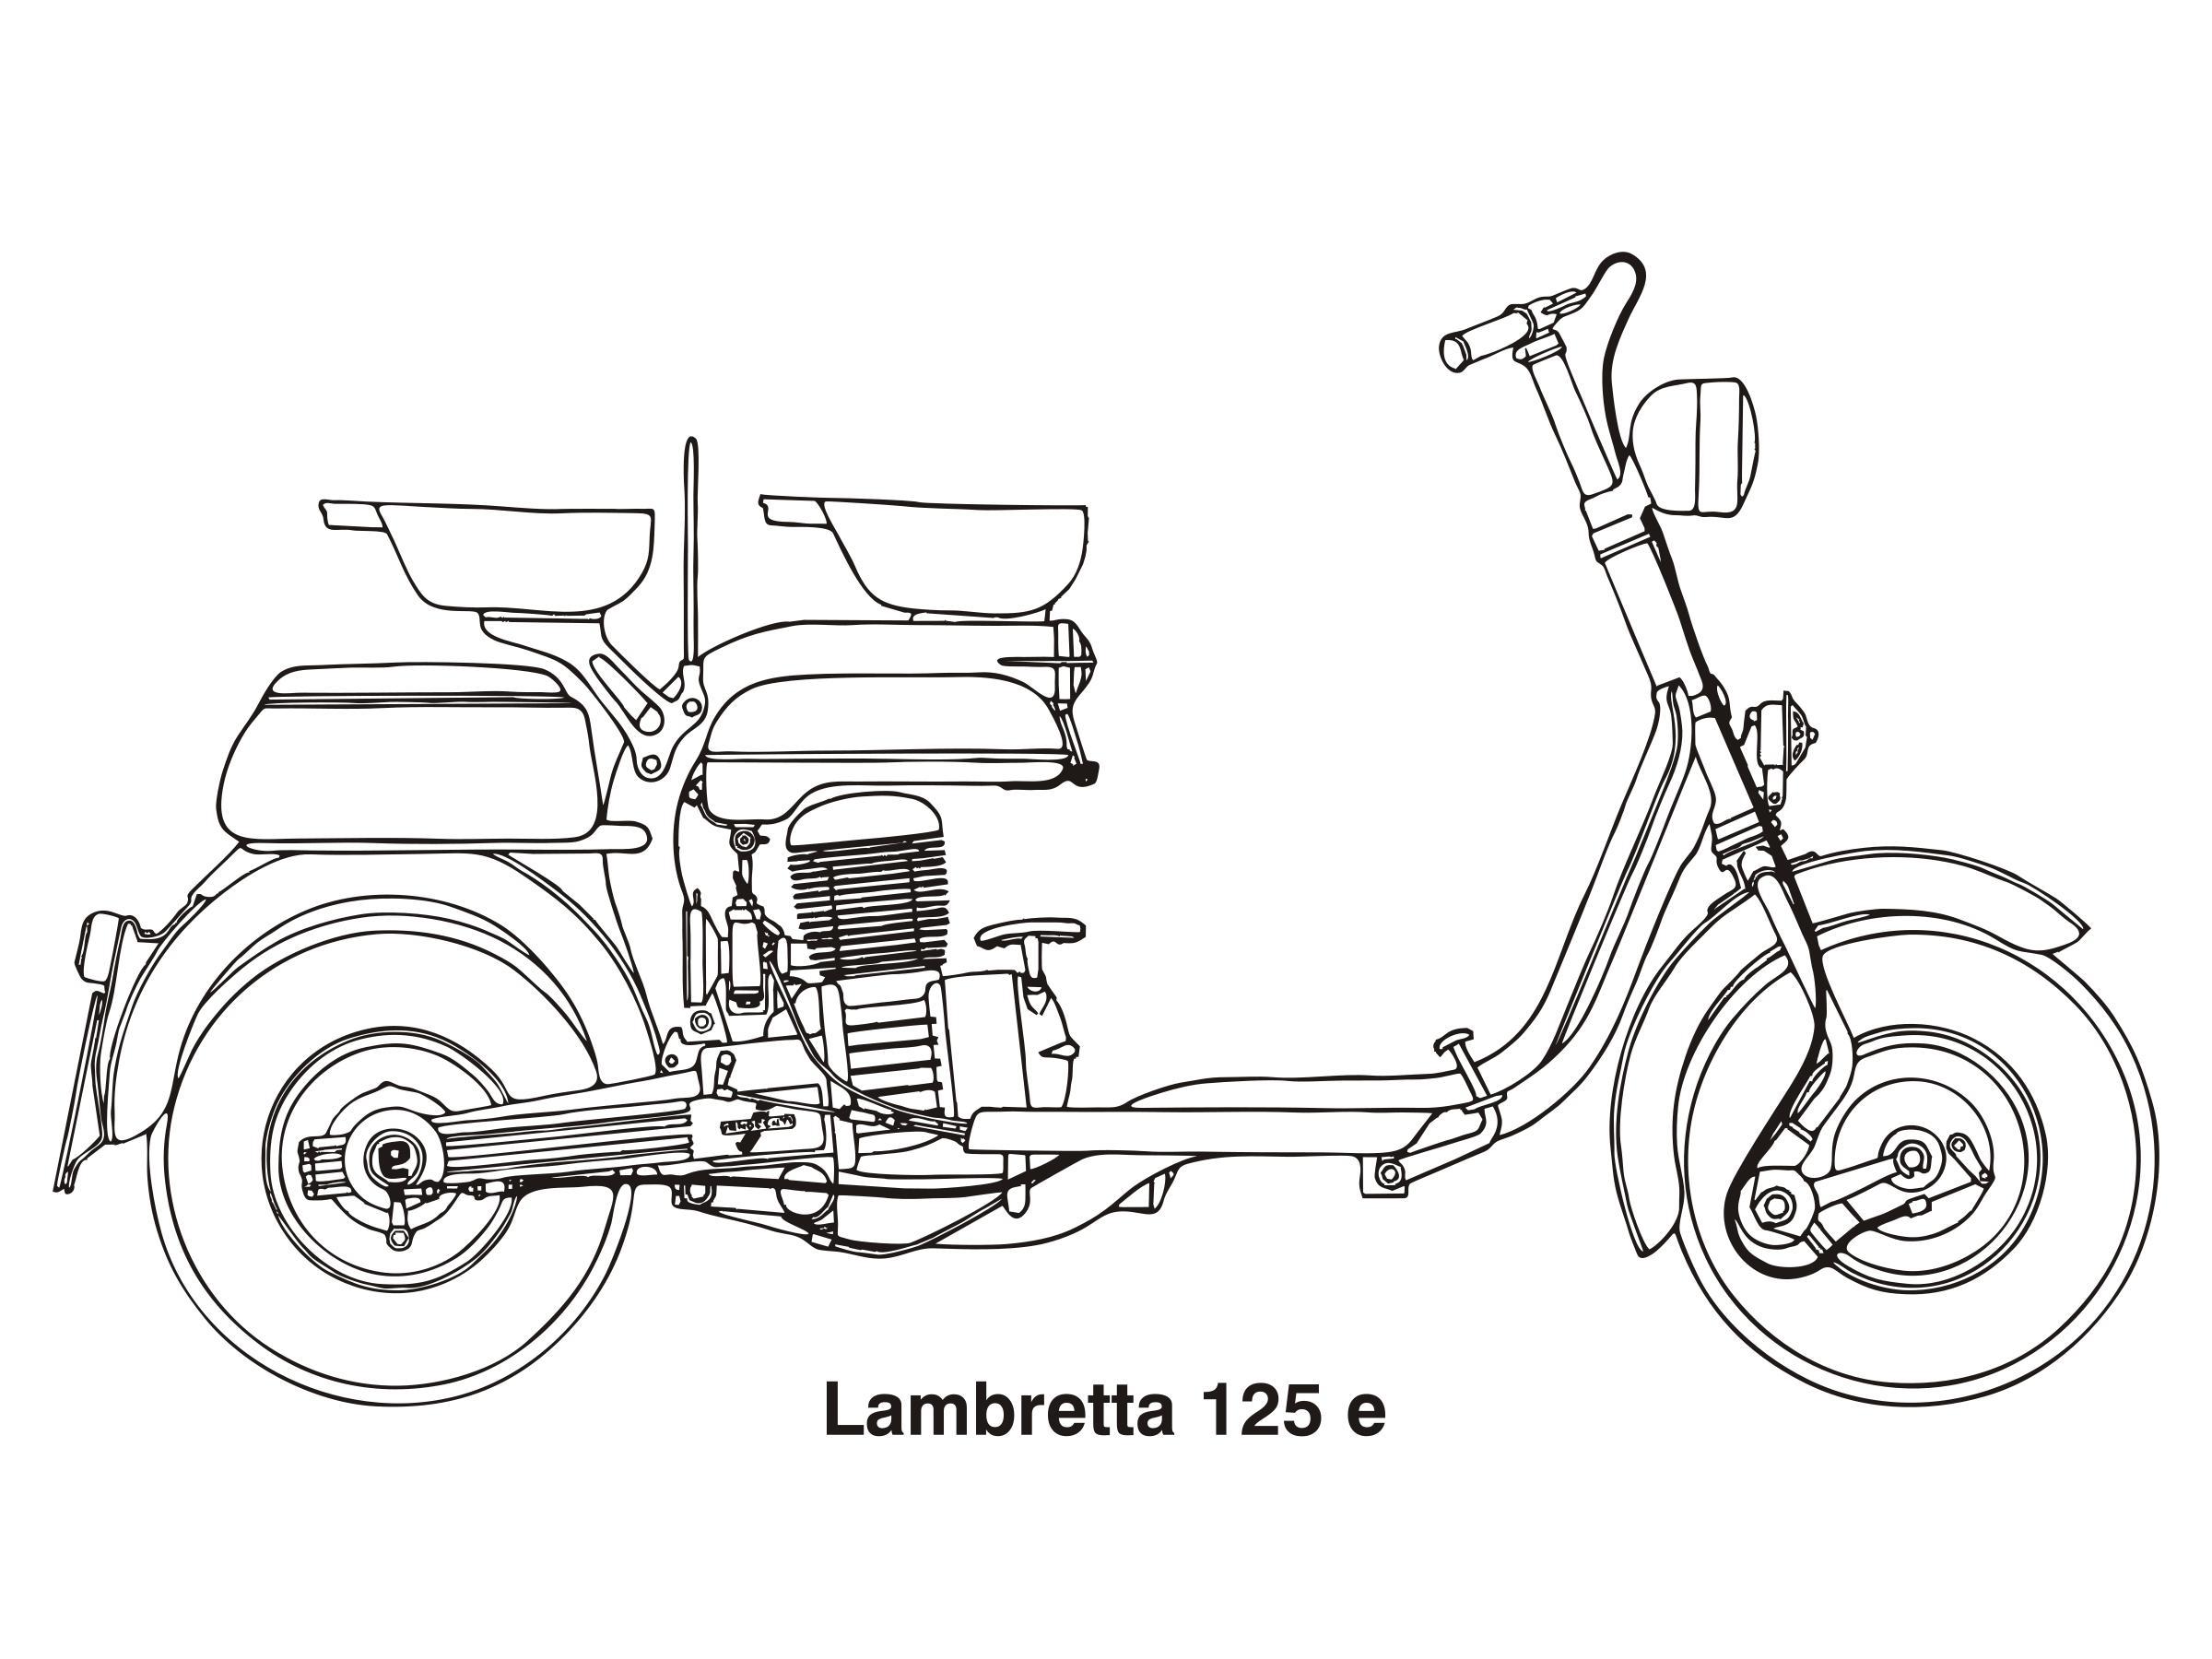 Lambretta 125 e, year 1953 Clipart.